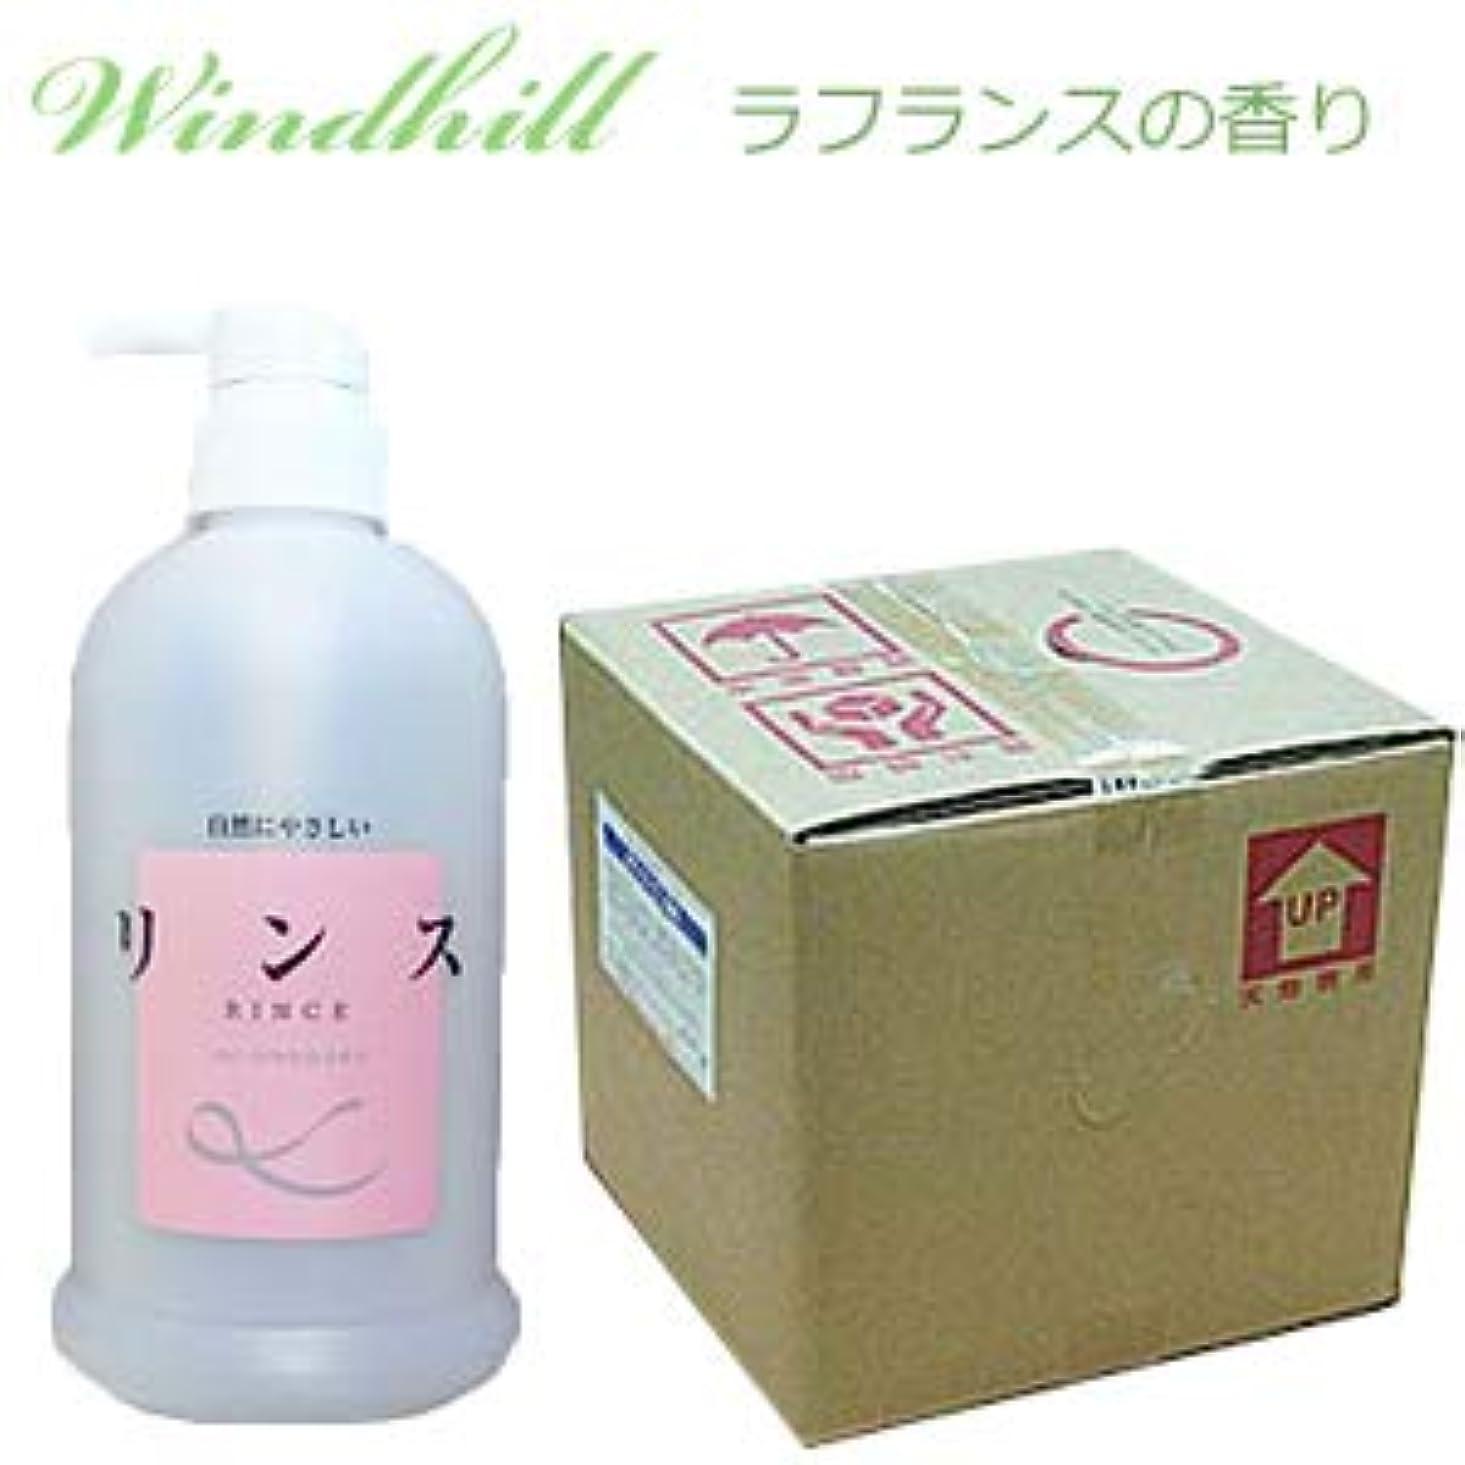 付ける苦しむ浸漬なんと! 500ml当り173円 Windhill 植物性 業務用 リンス  爽やかなラフランスの香り 20L